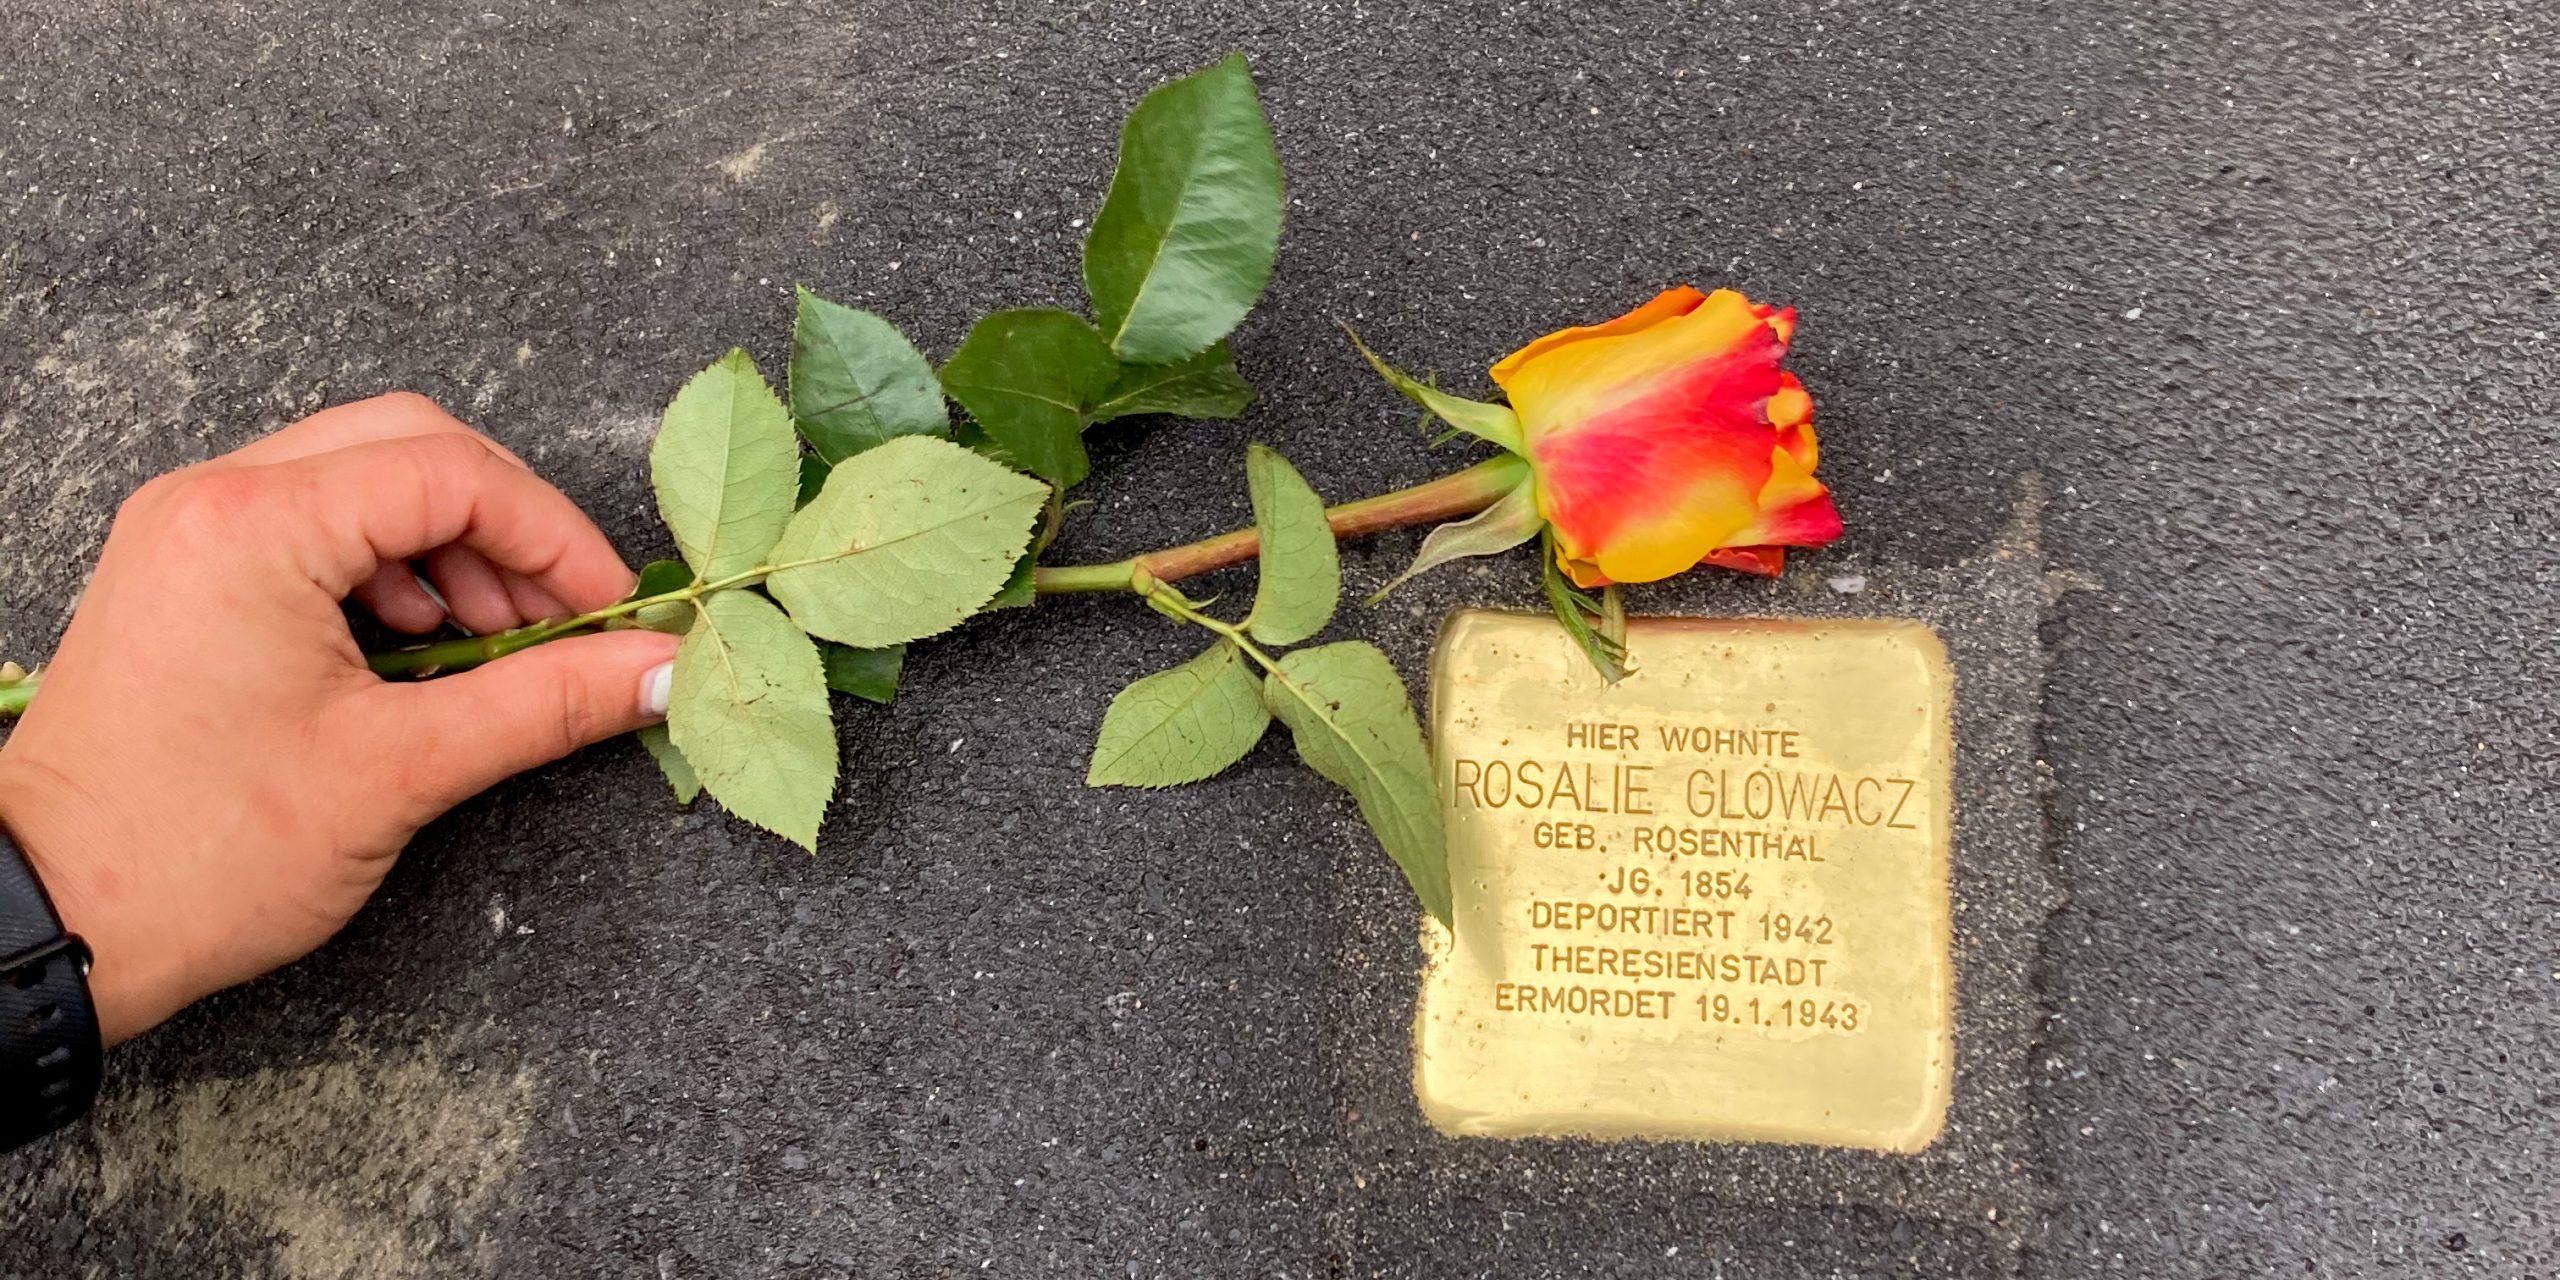 Stolpersteinverlegung und Gedenken an die Familie Rosenthal